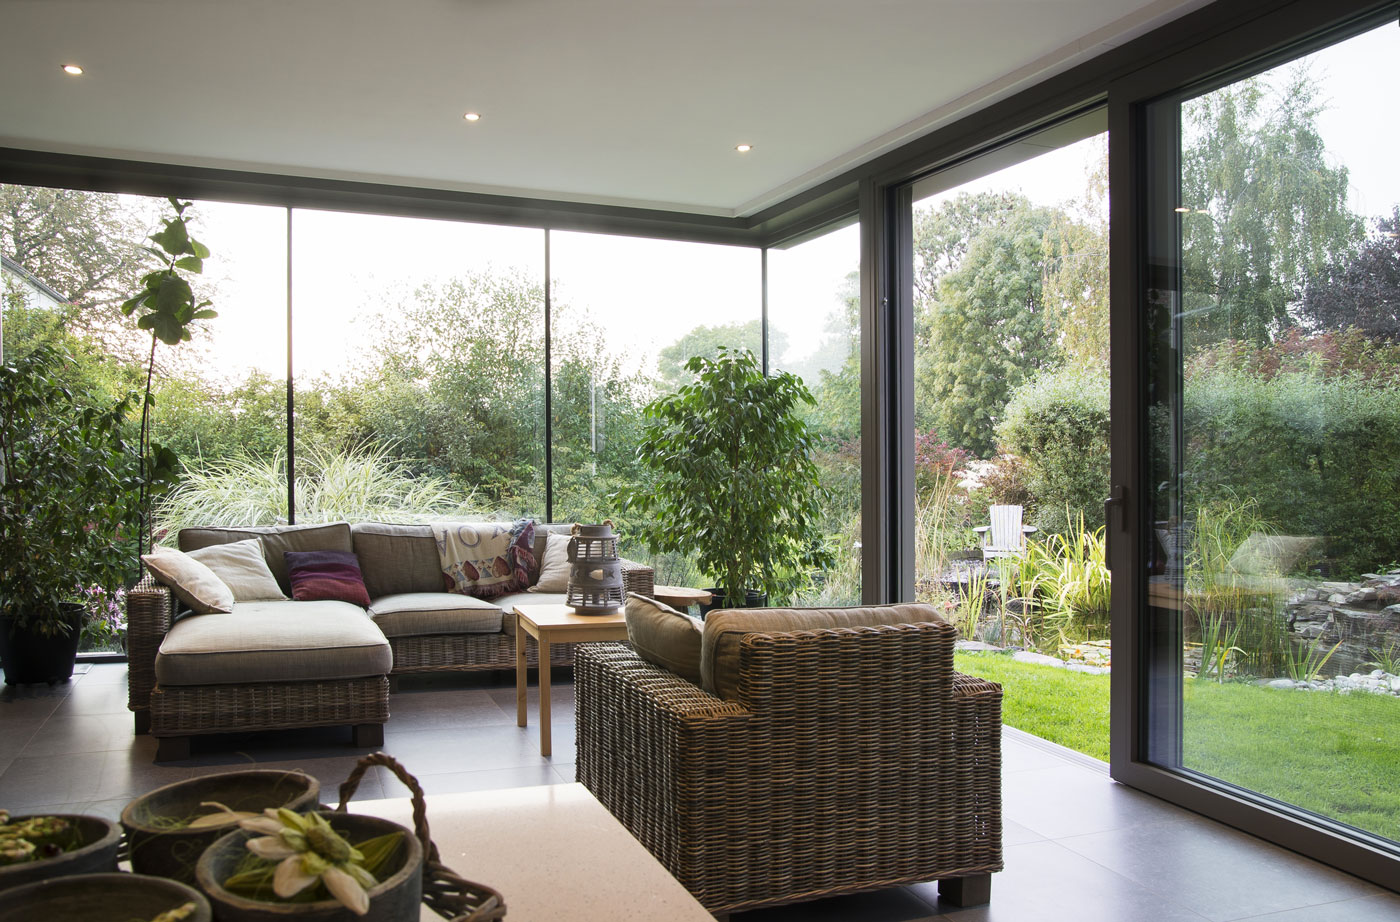 Giardini d inverno per impreziosire la tua casa in fissa per for Arredare giardino d inverno